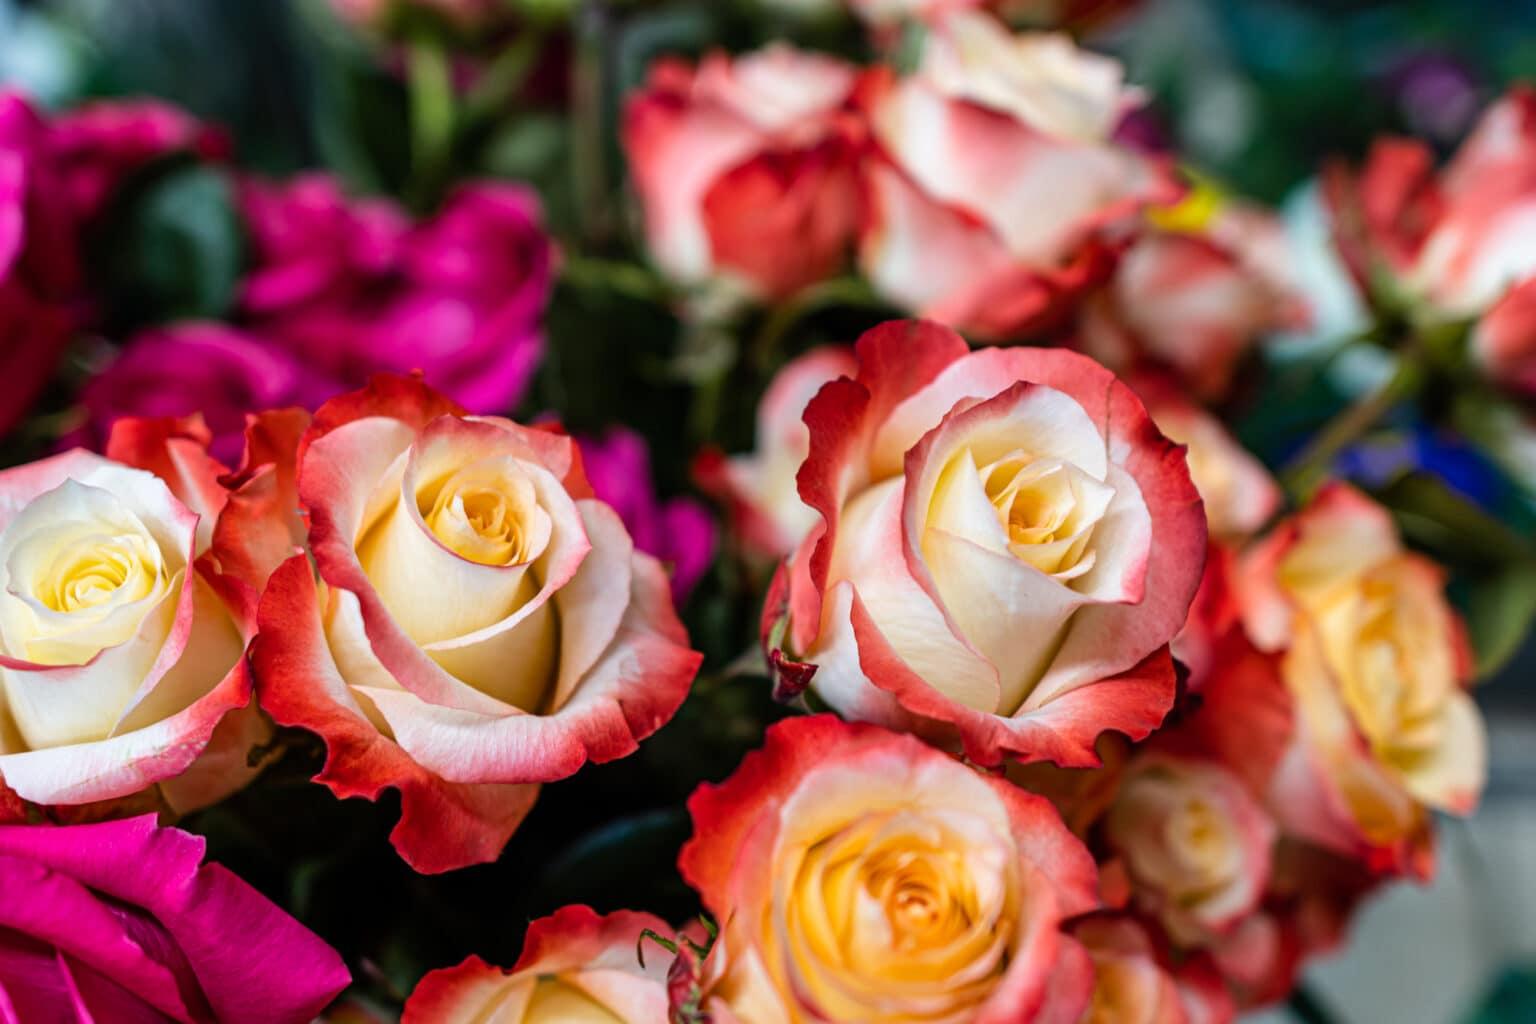 Rosen, Valentinstag, rot, pink, weiß, 9020 Klagenfurt am Wörthersee, Geschenk